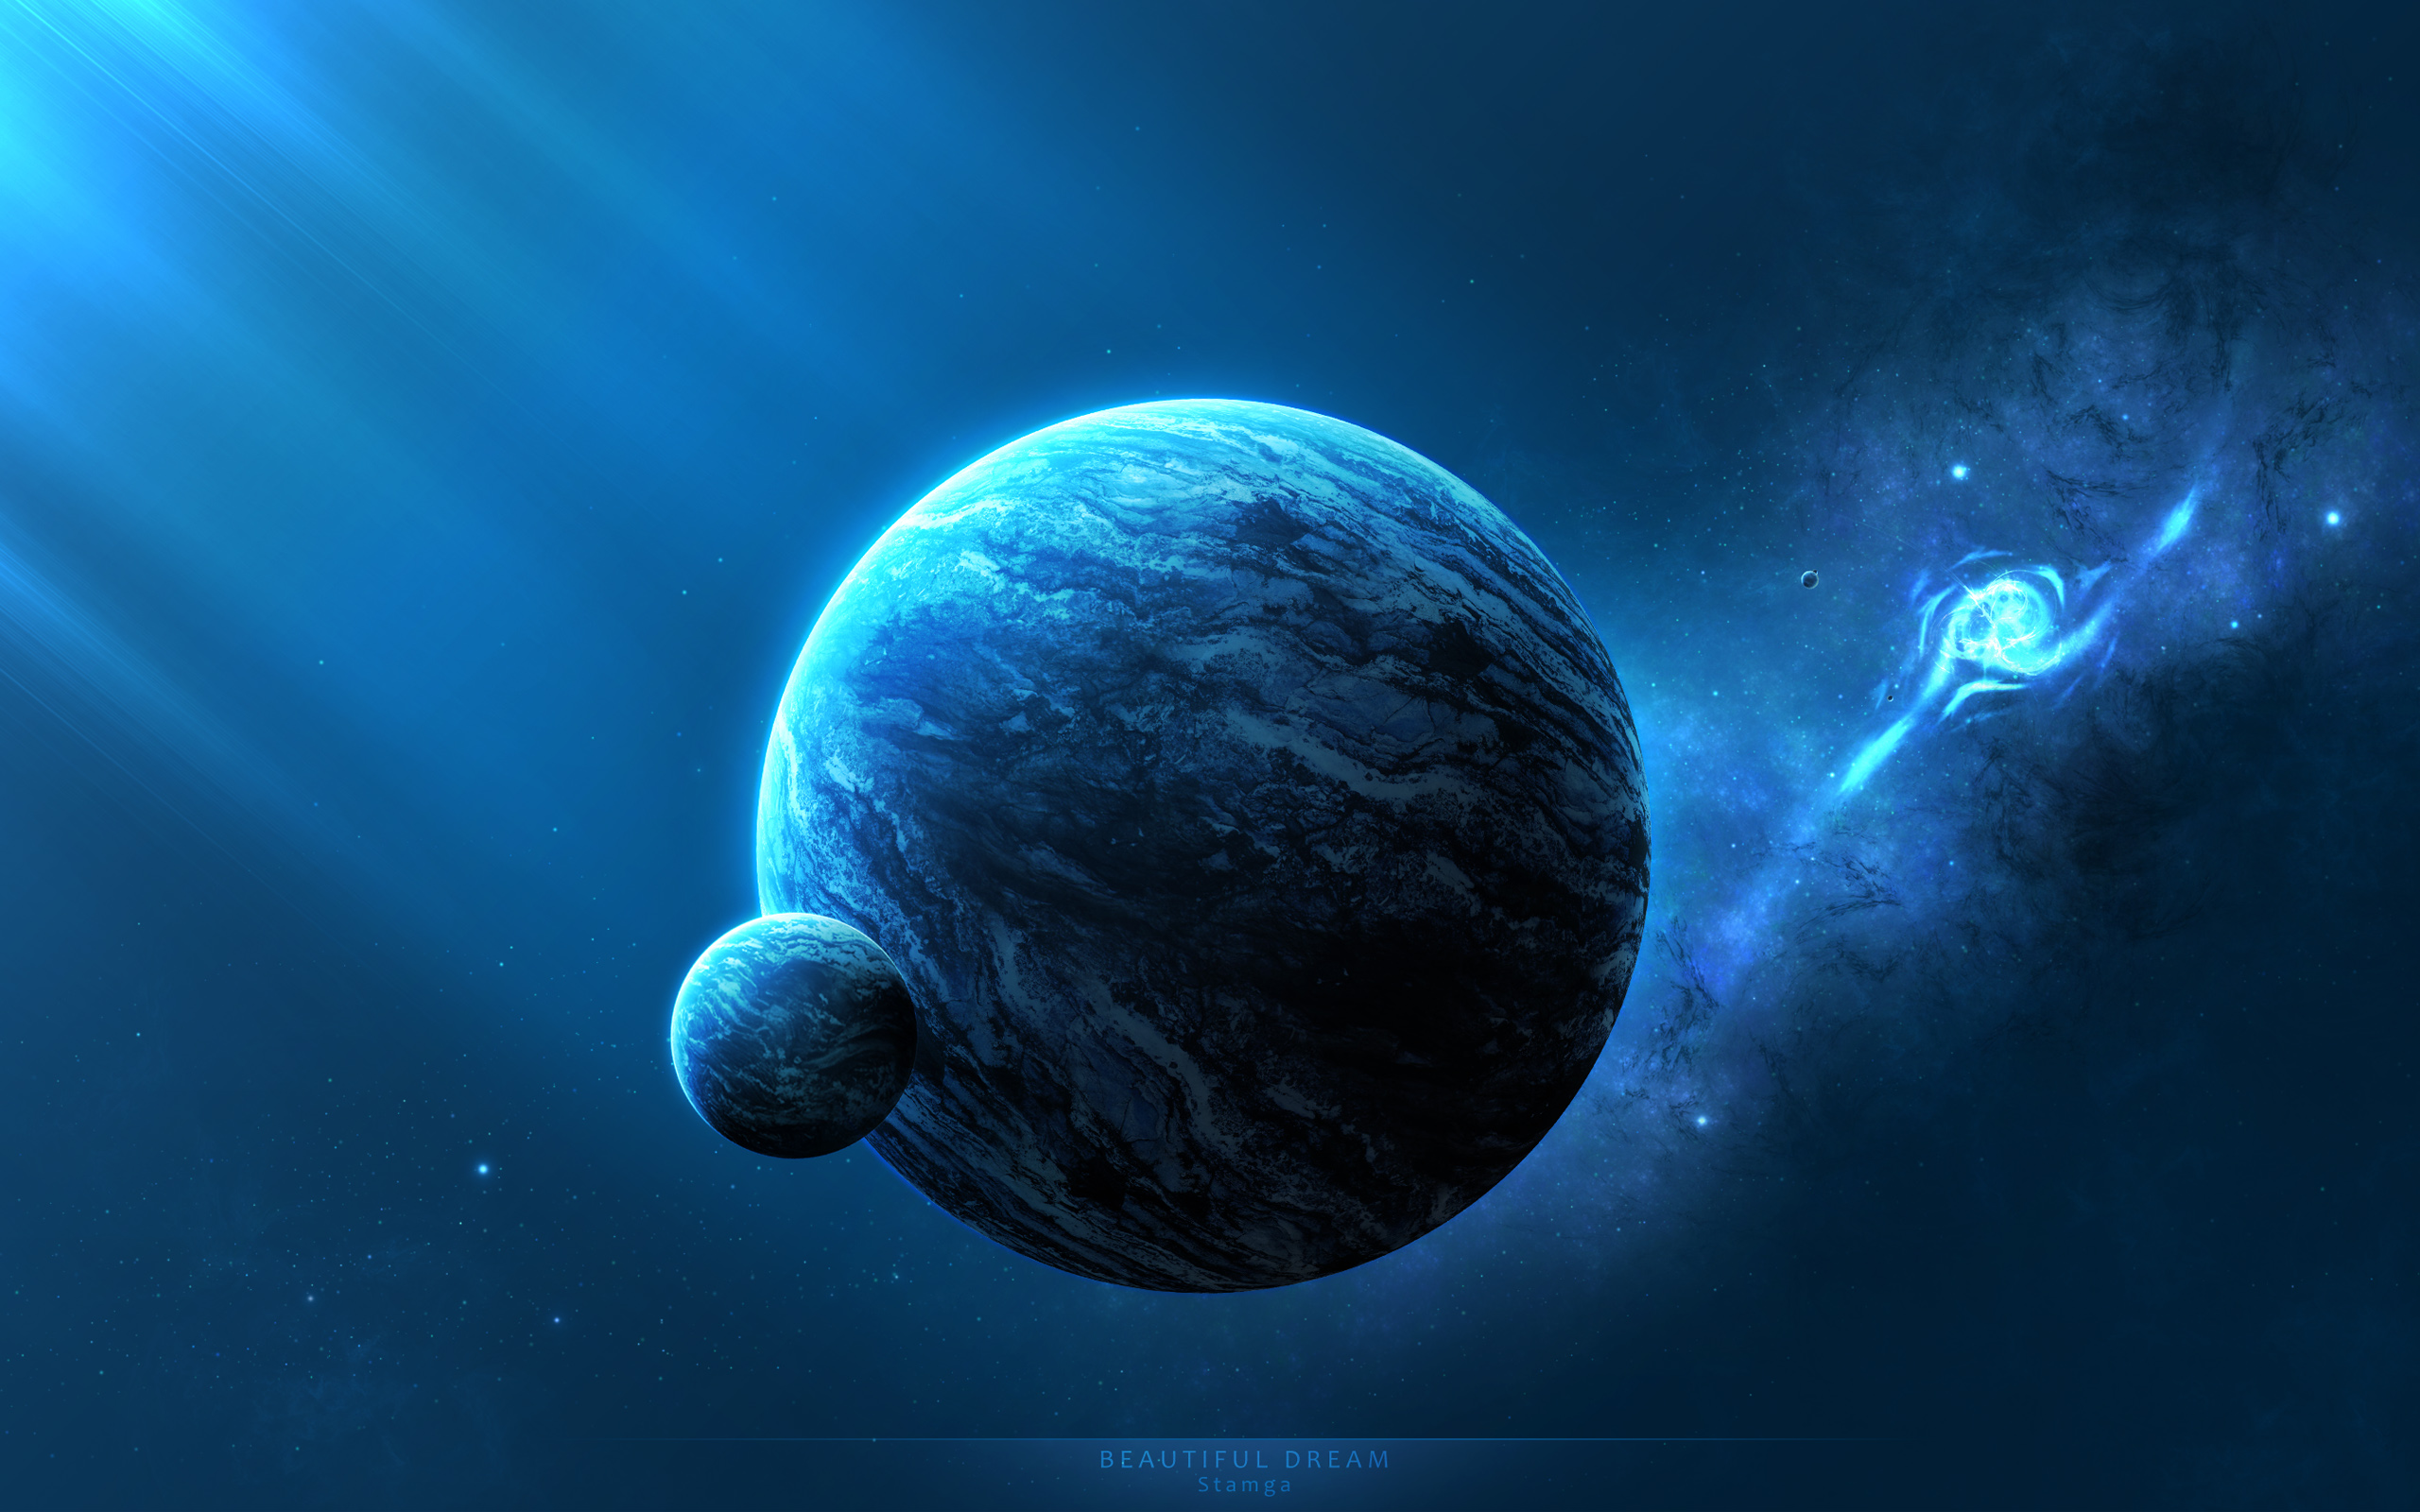 Обои Планета солнце туманность картинки на рабочий стол на тему Космос - скачать загрузить